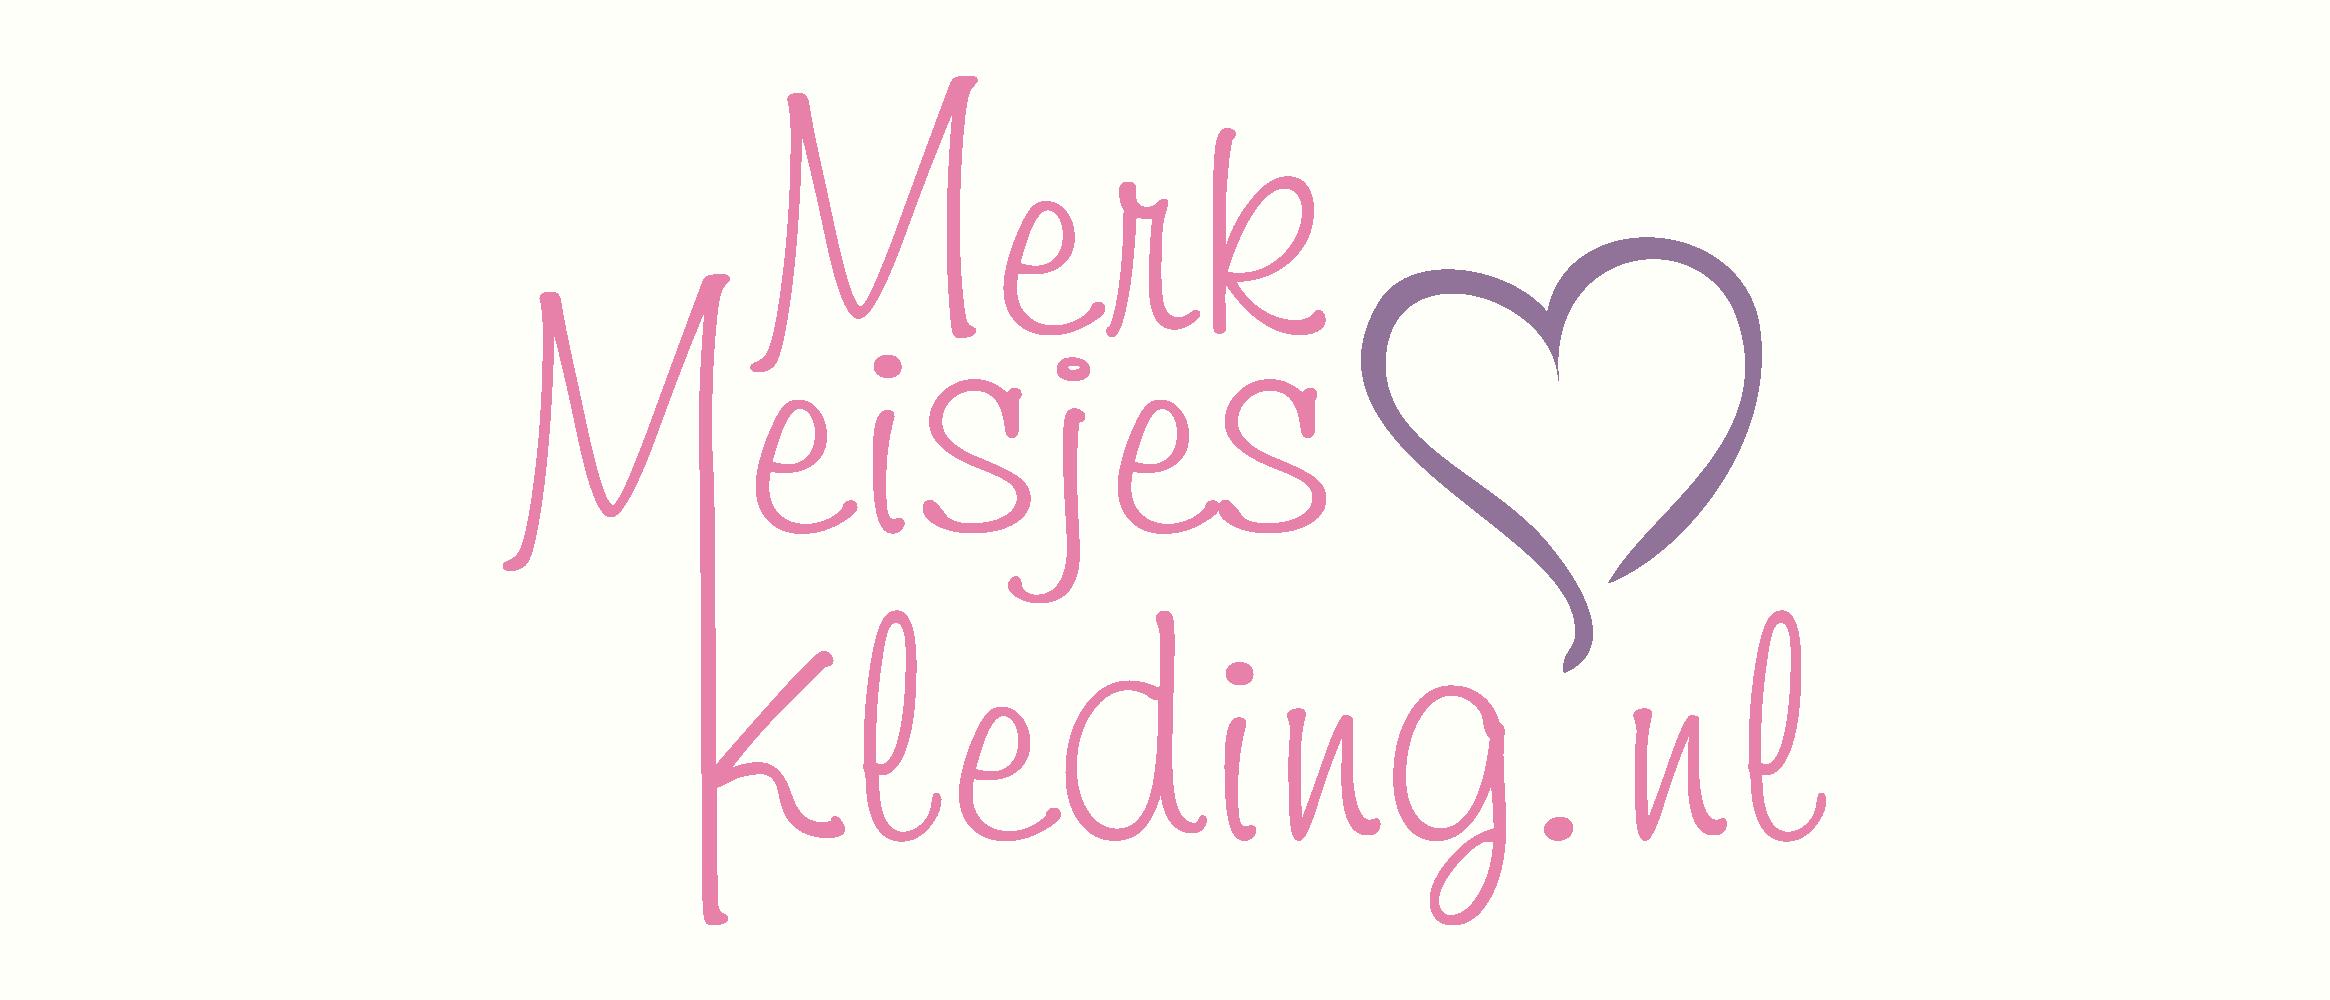 Logo of Merkmeisjeskleding.nl